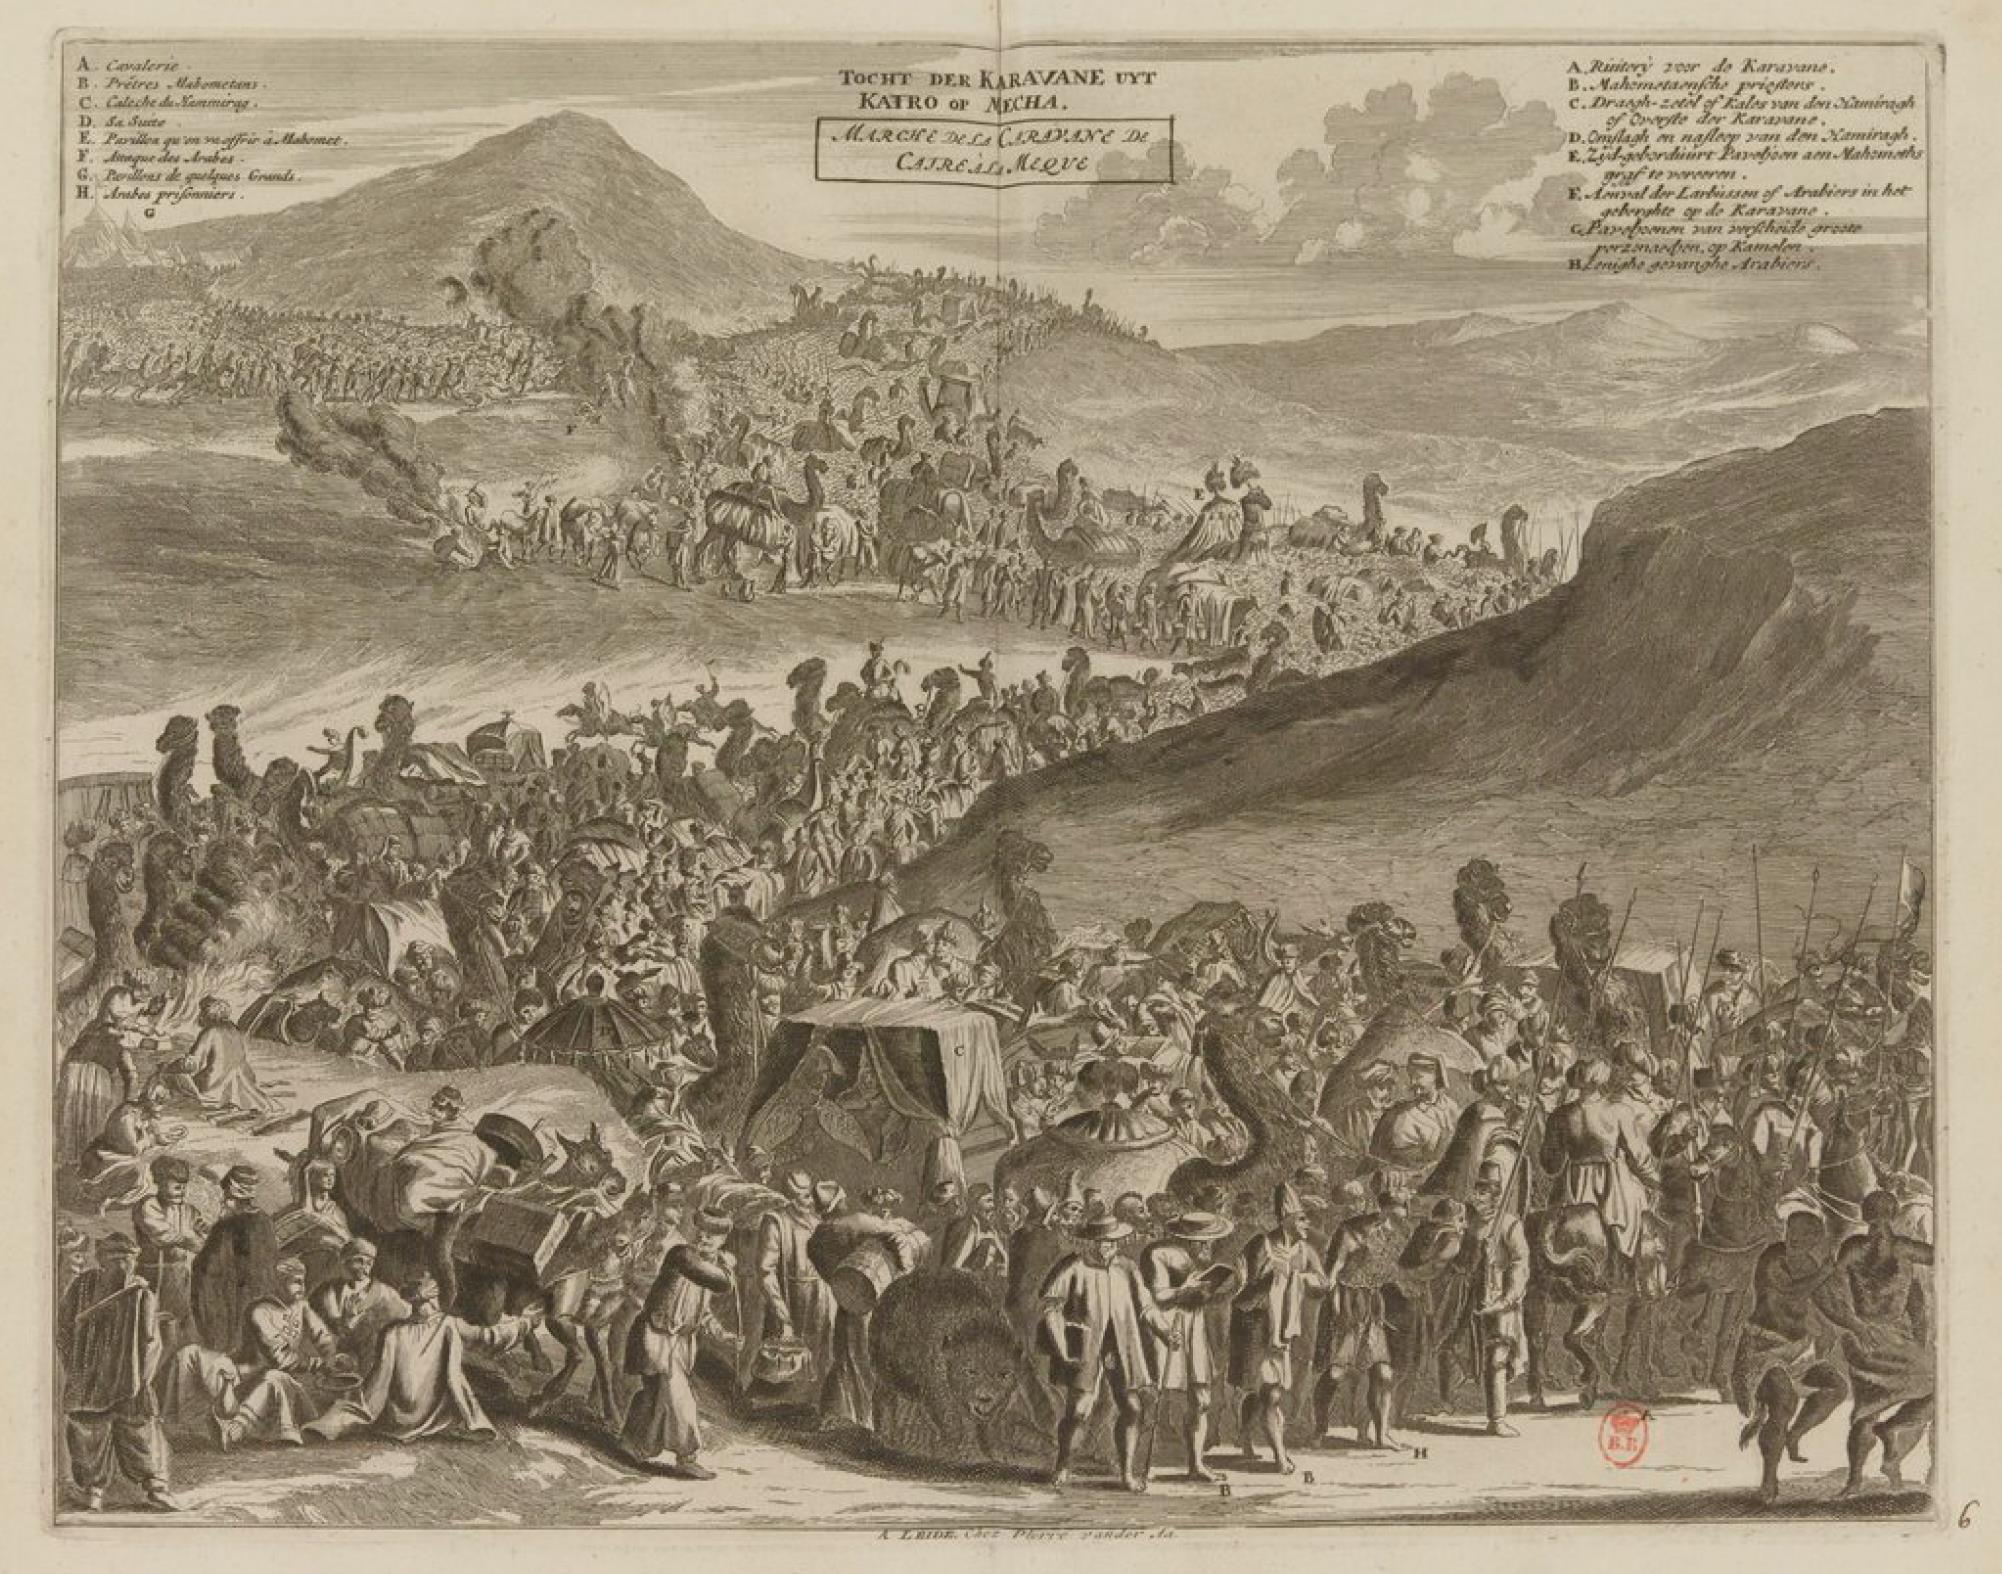 09. Караван паломников из Каира в Мекку